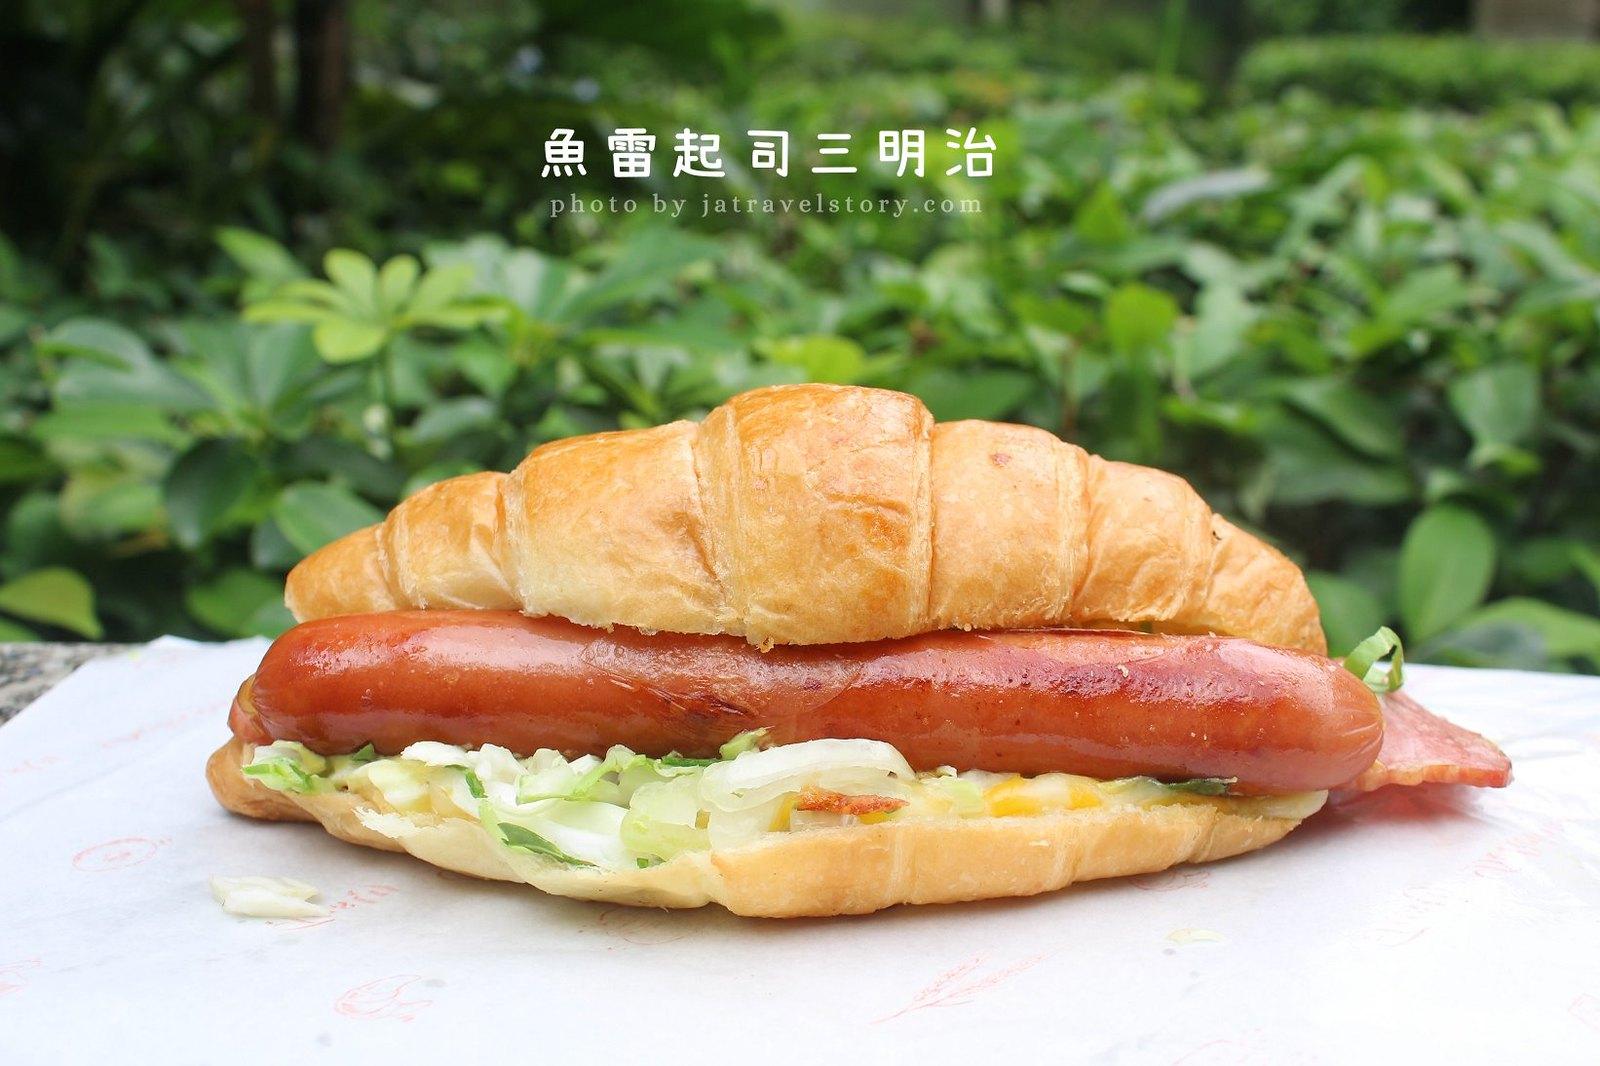 魚雷起司三明治 麵包口味自由搭配,板烤雞腿起司三明治鹹香涮嘴【捷運公館】公館美食/台大美食 @J&A的旅行